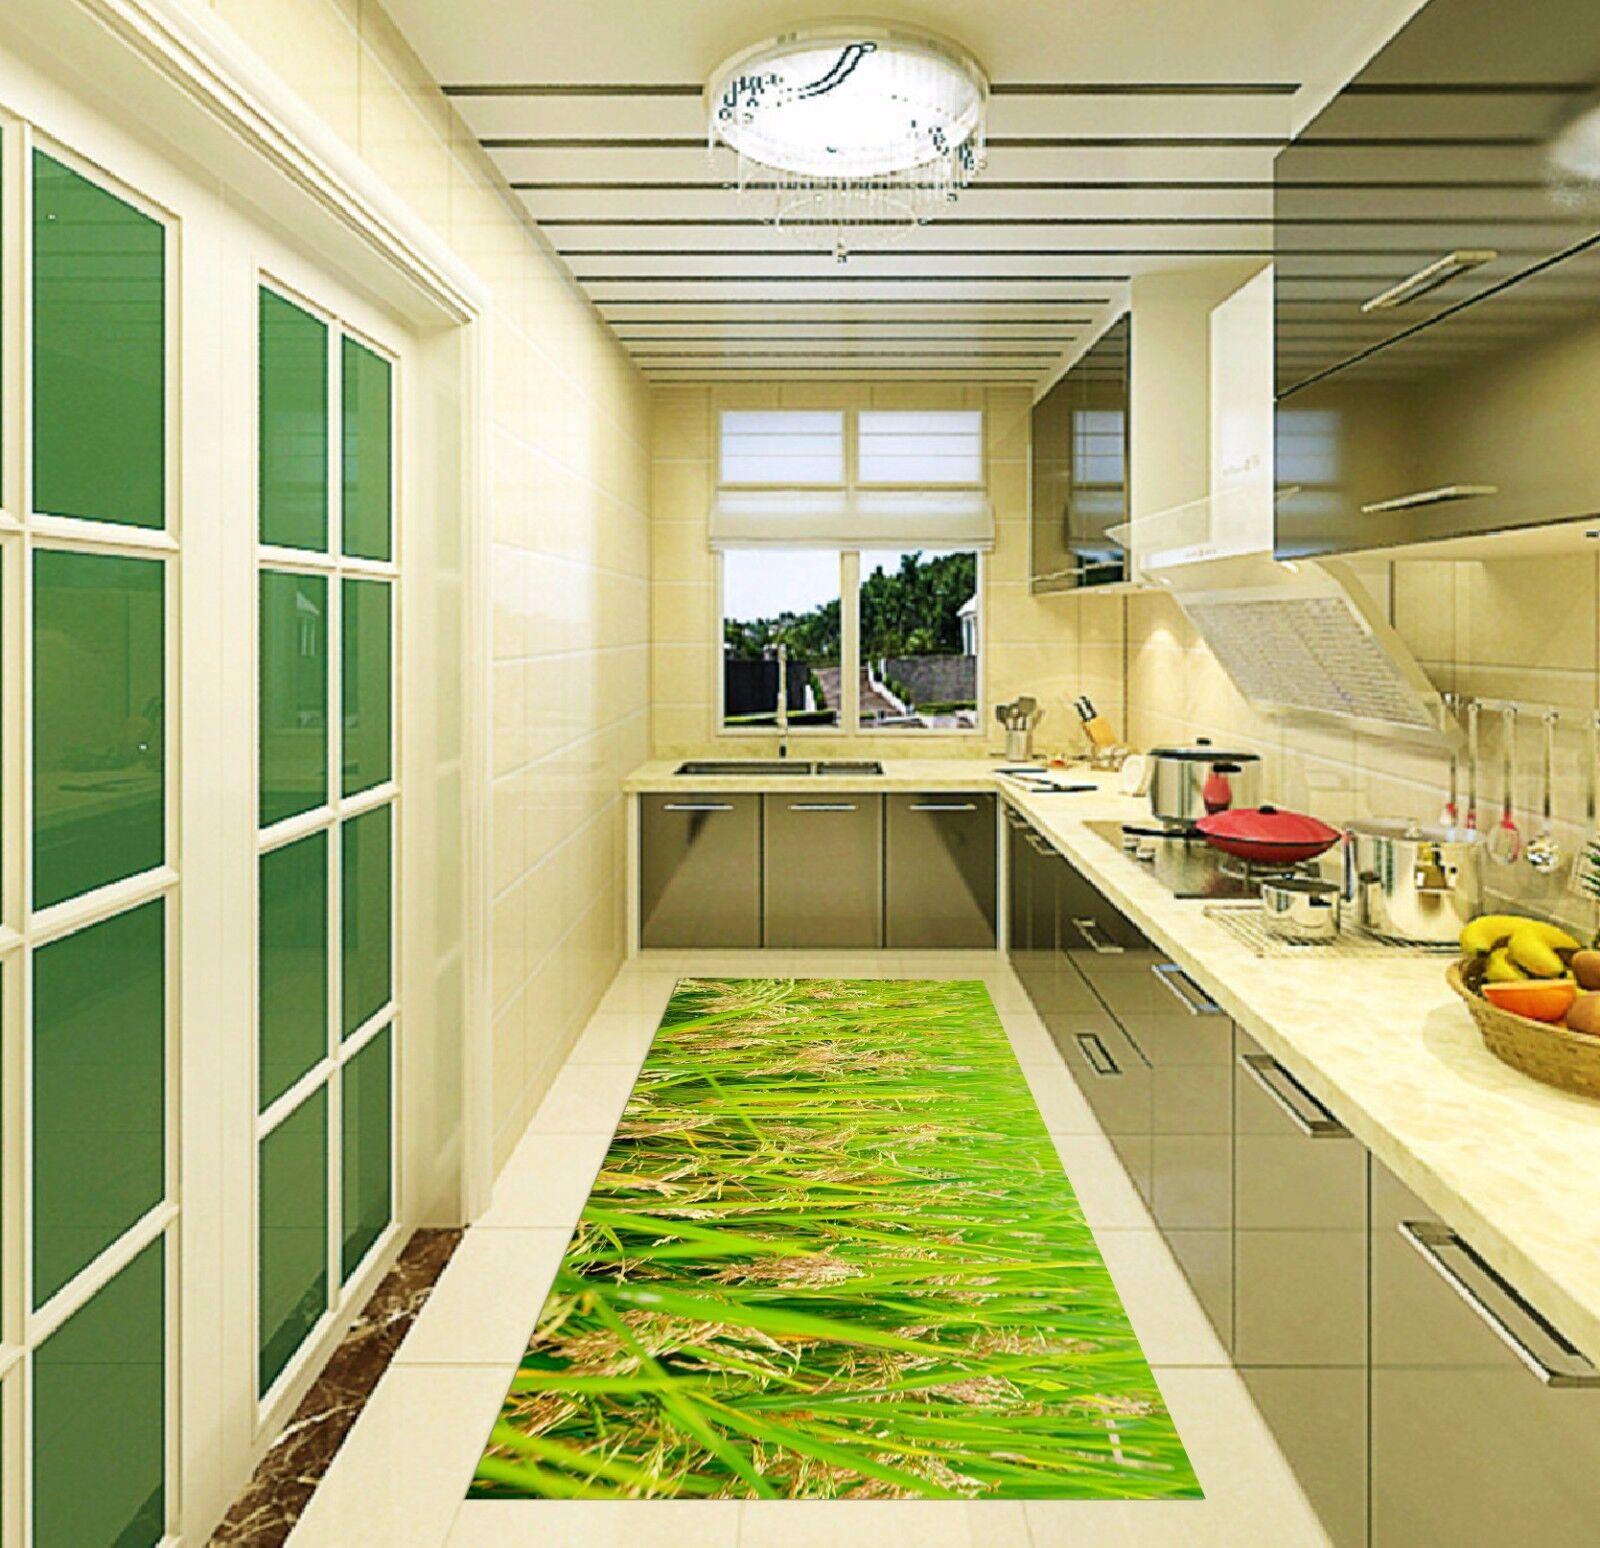 3D Grün Grass 557 Kitchen Mat Floor Murals Wall Print Wall AJ WALLPAPER AU Kyra